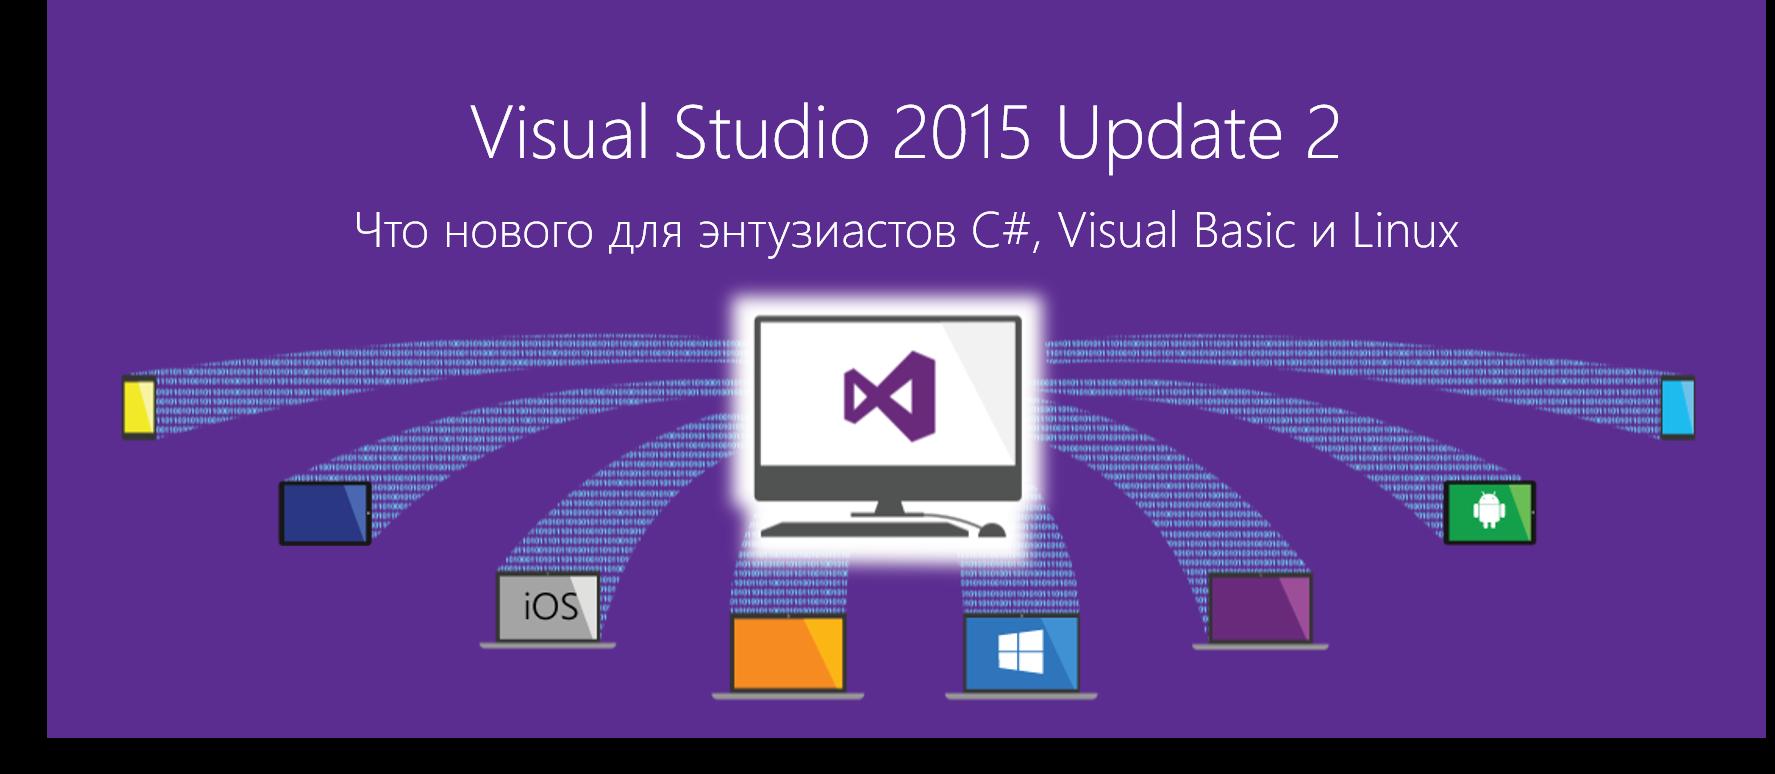 Что нового в Visual Studio 2015 для энтузиастов C#, Visual Basic и Linux